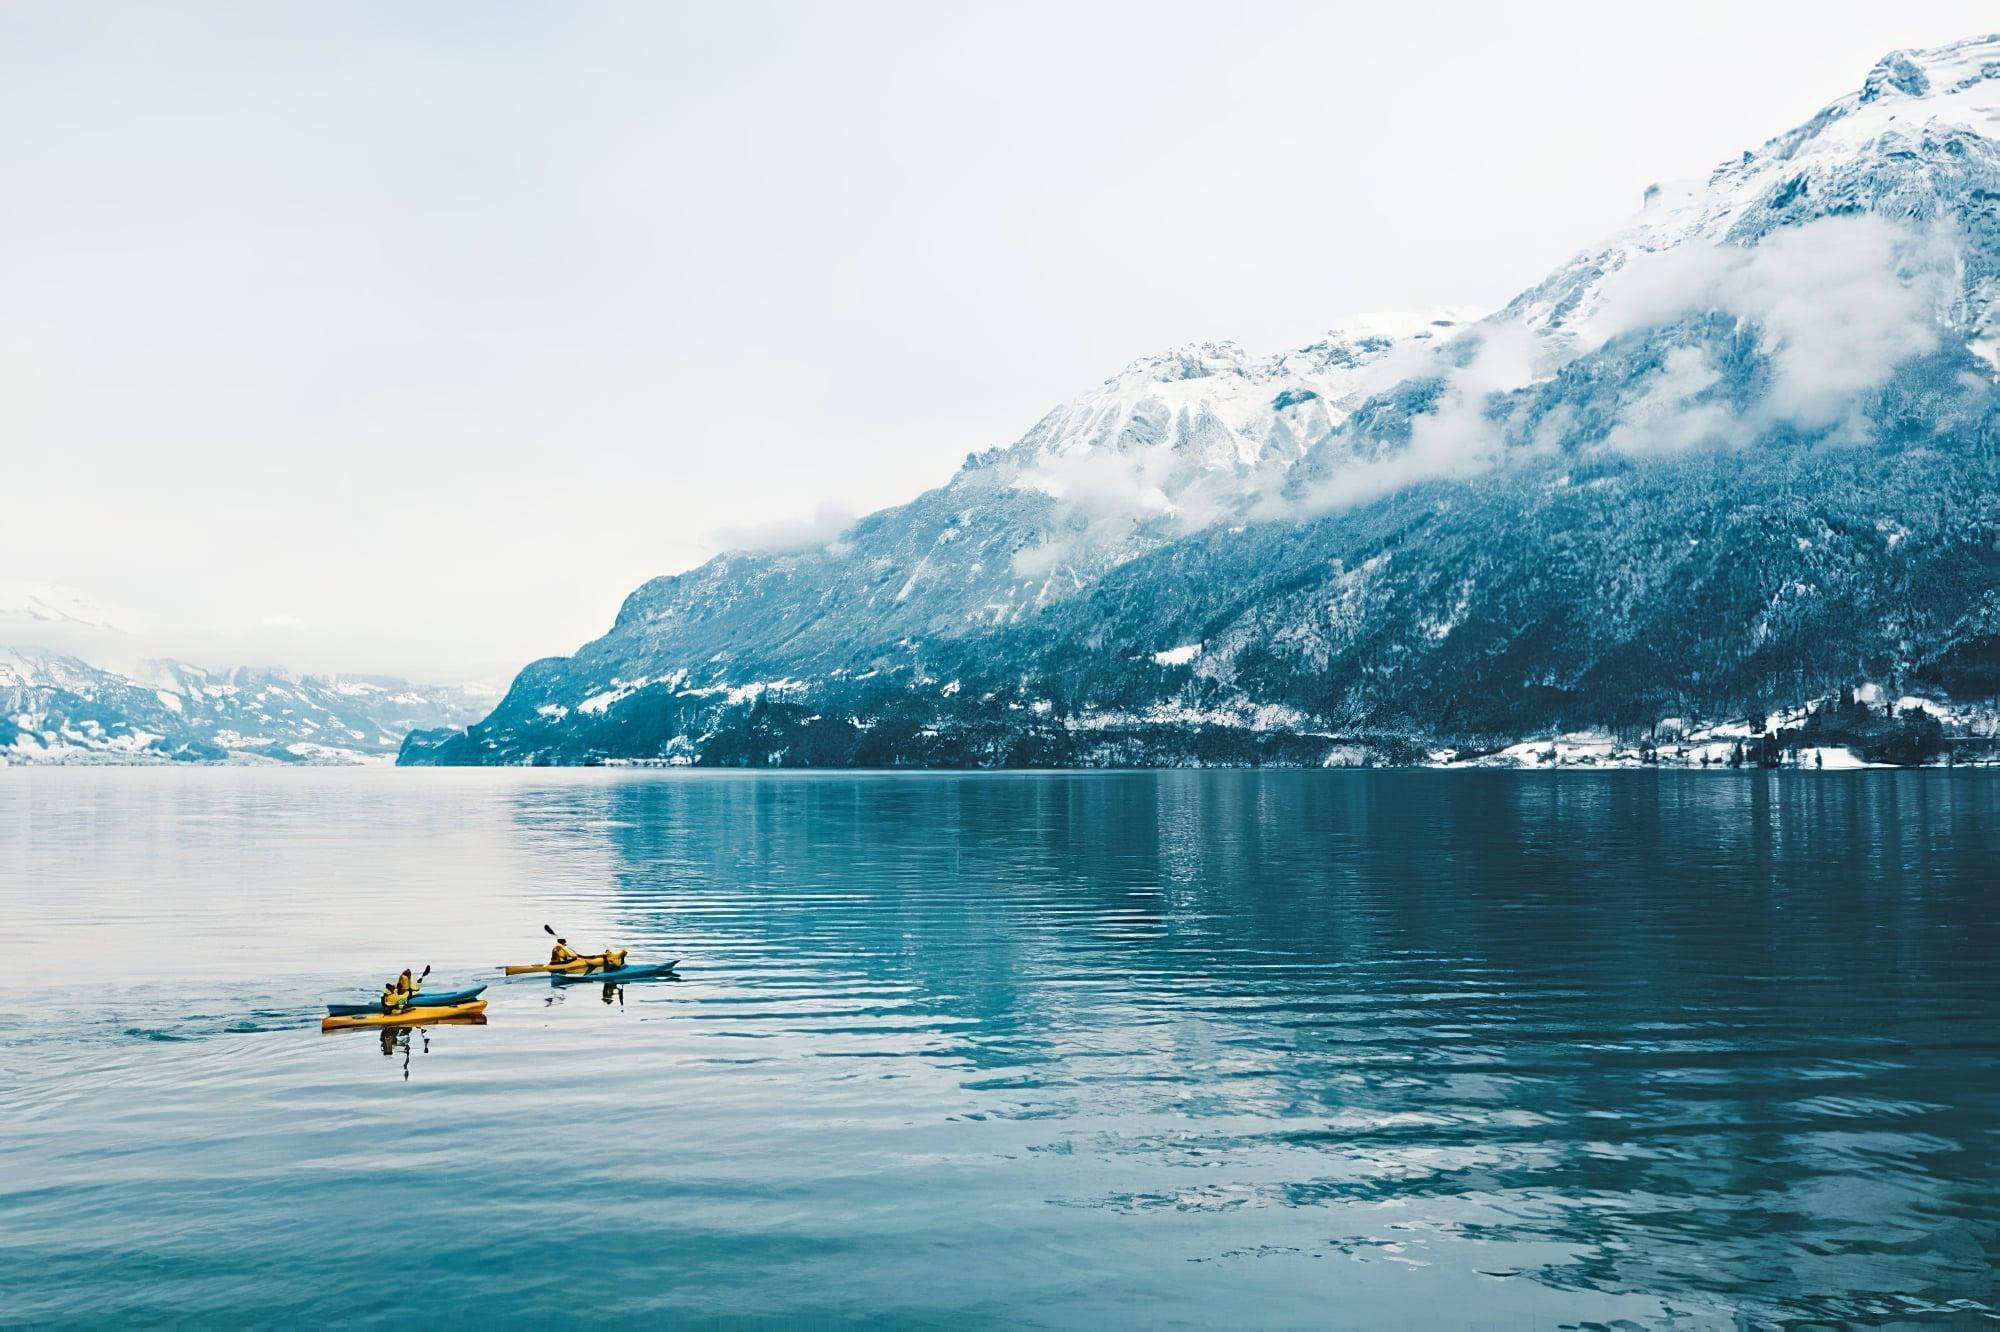 Canöe-kayak Interlaken